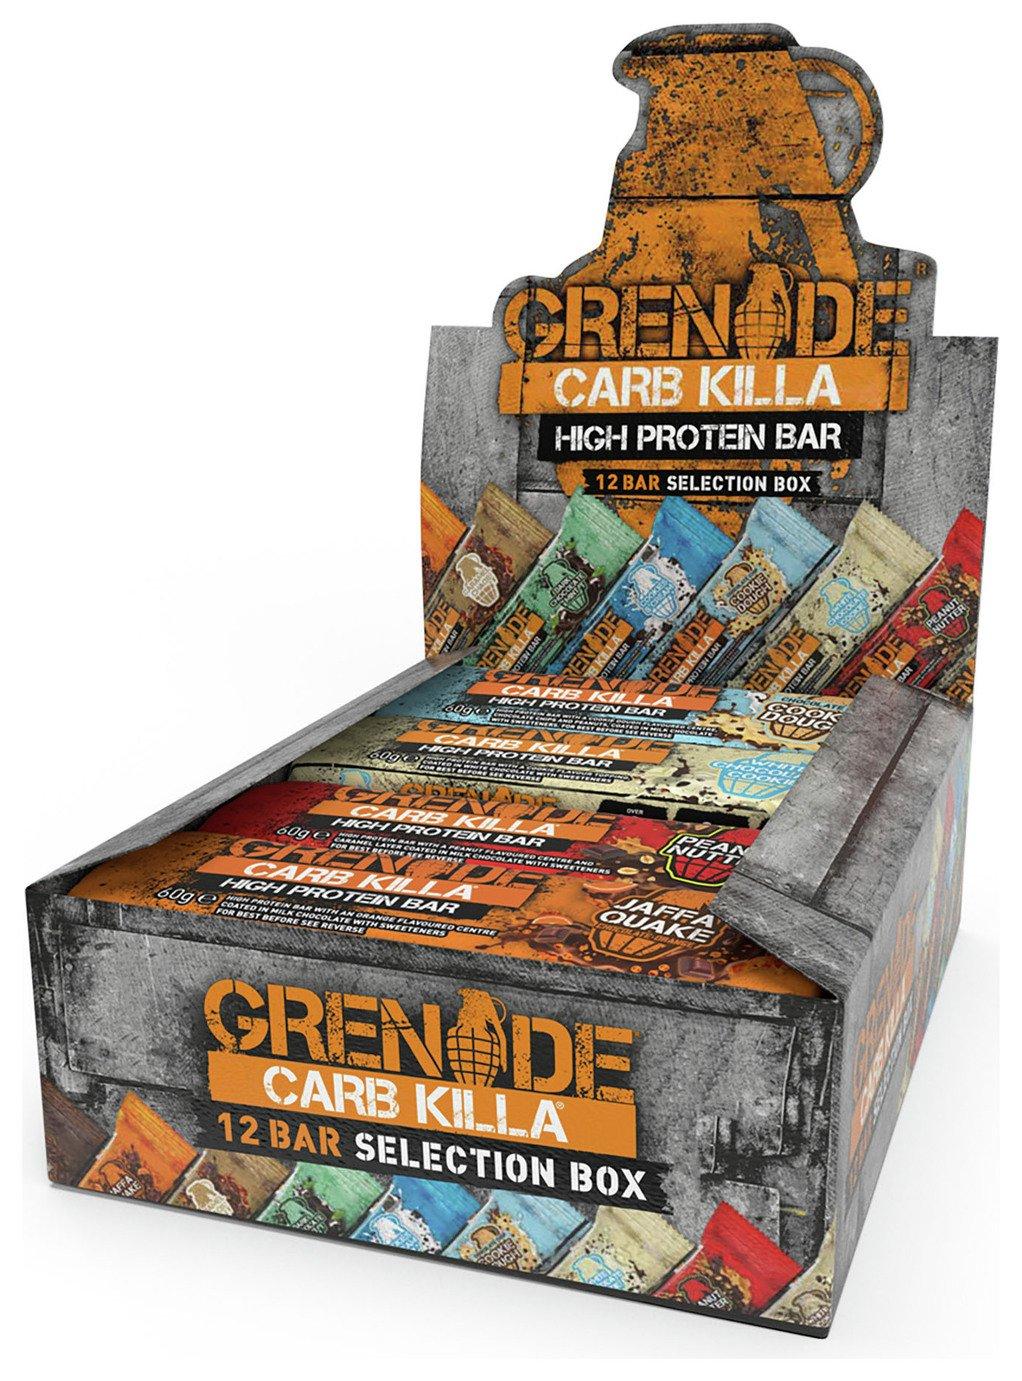 Grenade Carb Killa Selection Box Qty 12